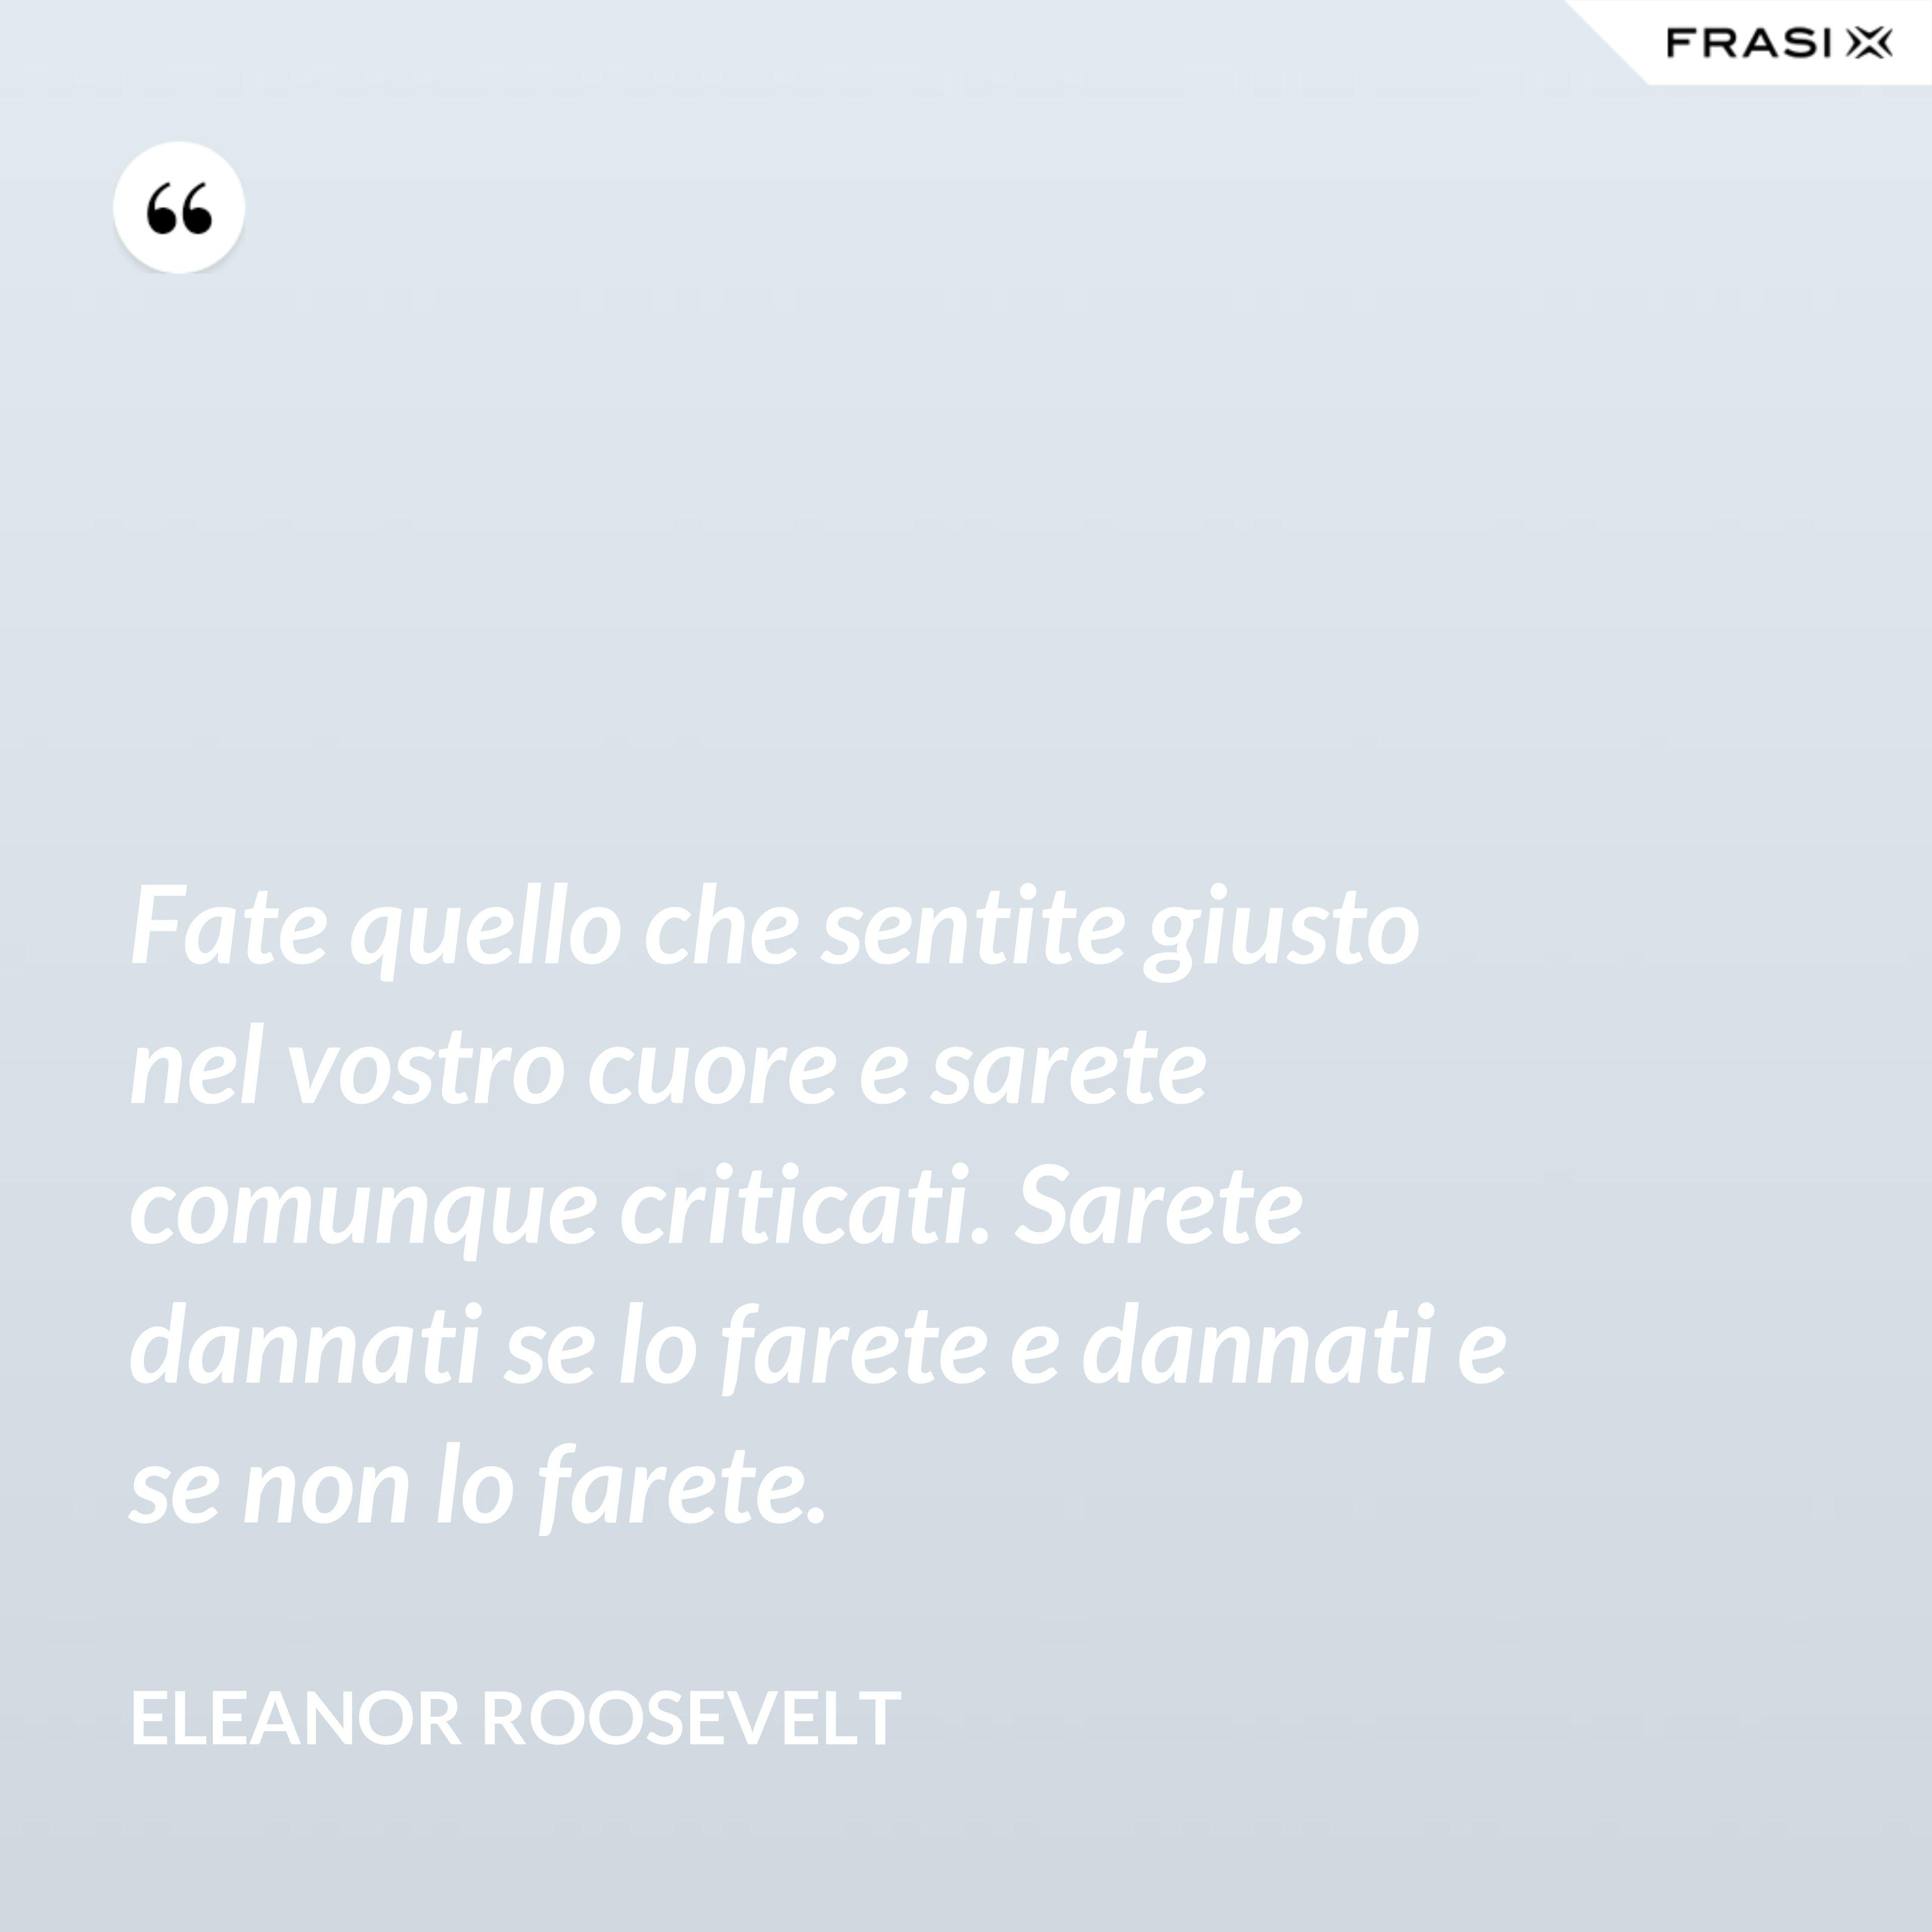 Fate quello che sentite giusto nel vostro cuore e sarete comunque criticati. Sarete dannati se lo farete e dannati e se non lo farete. - Eleanor Roosevelt